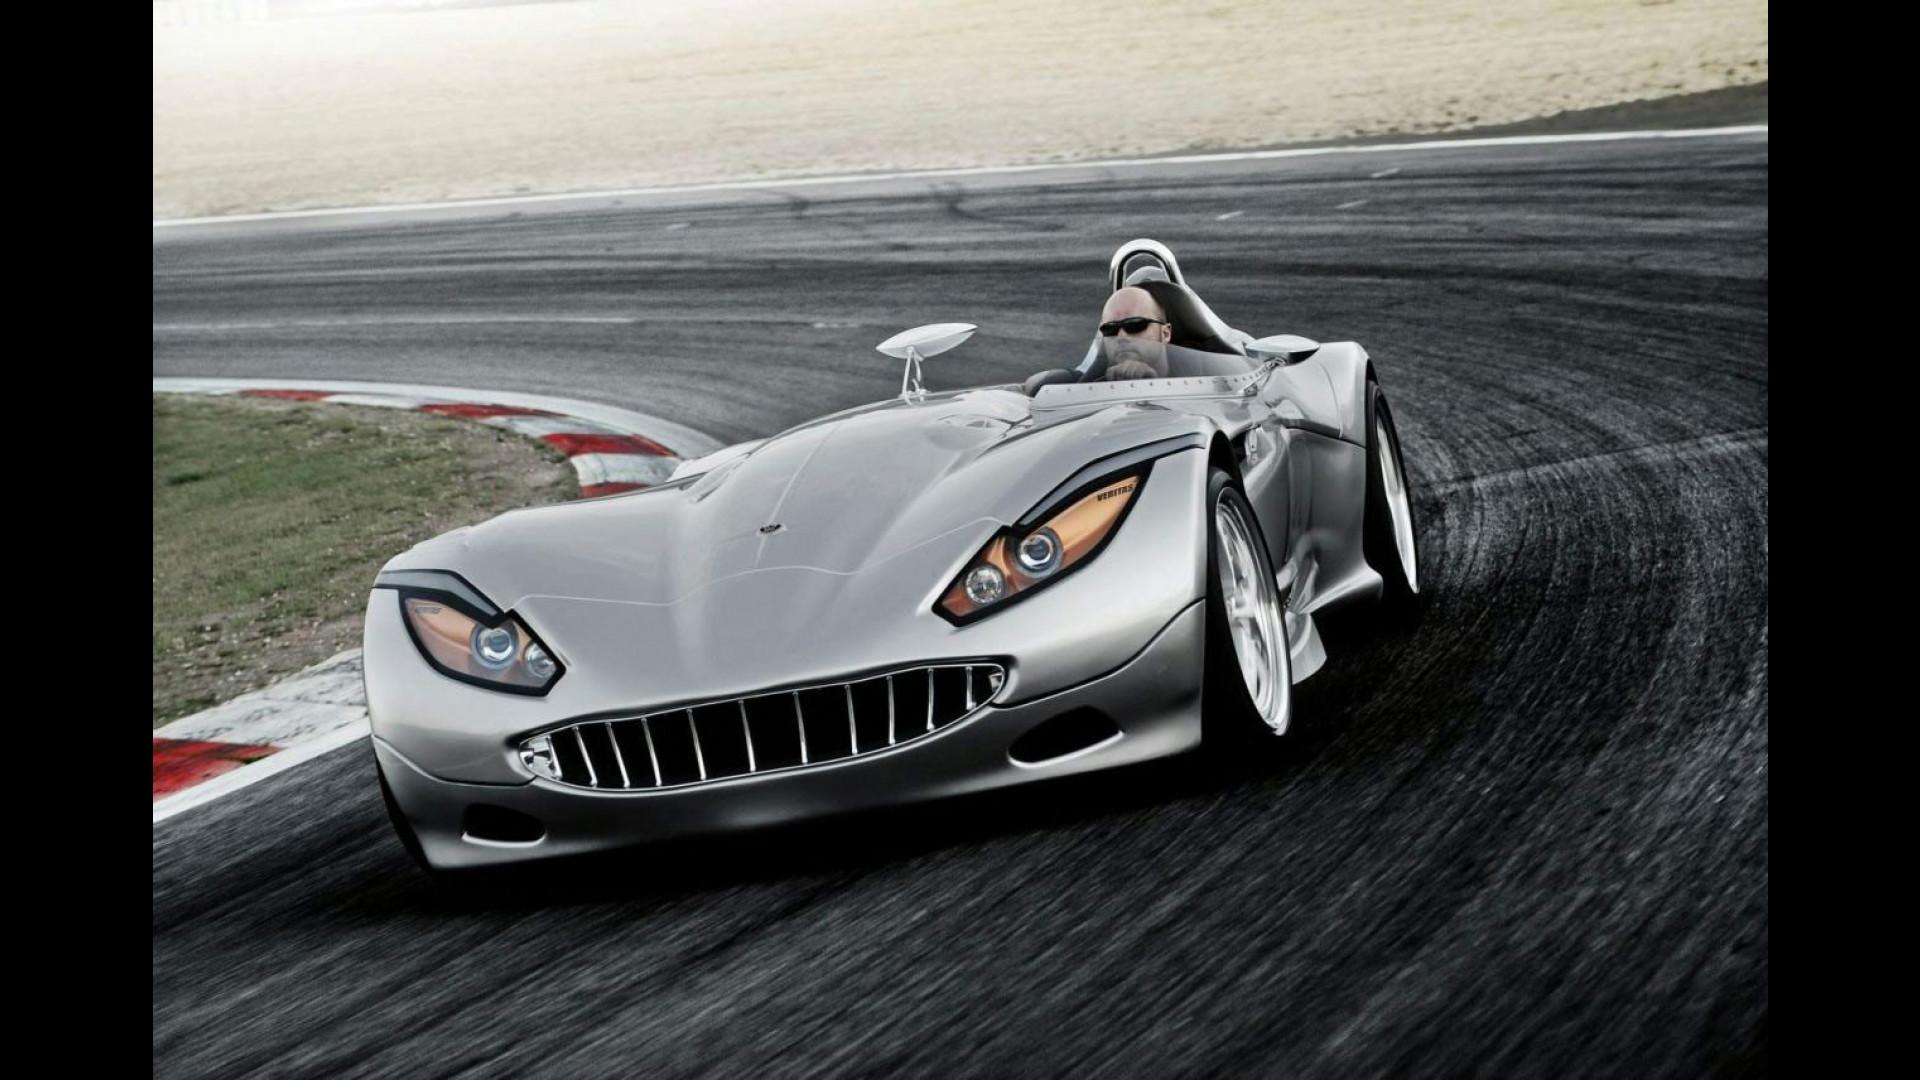 Schemi Elettrici Rs : Veritas rs iii roadster inizia la produzione motor italia